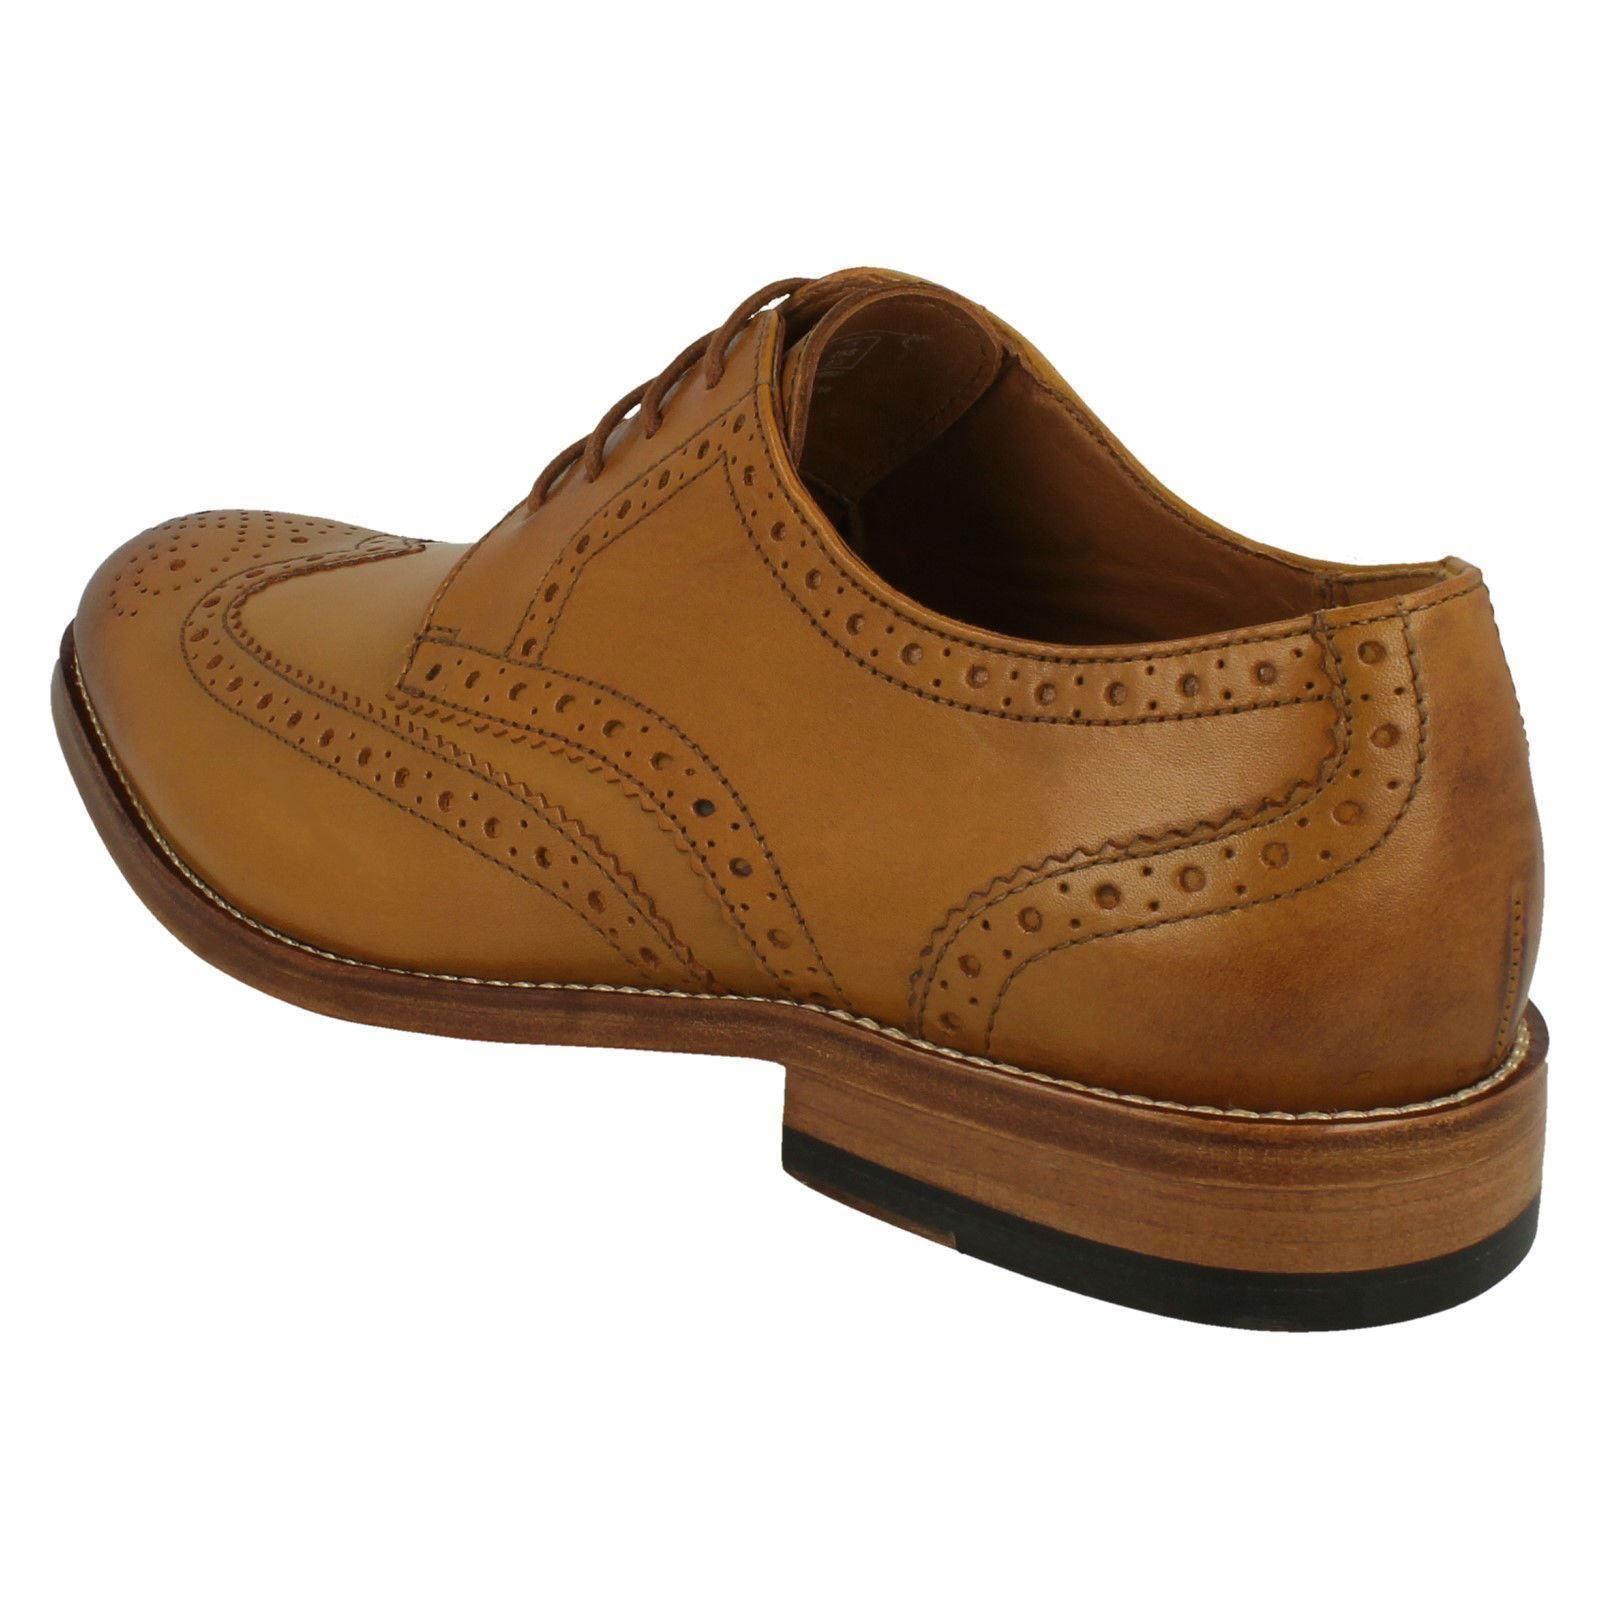 apelación Receptor Clásico  Mens Clarks Formal Brogue Detailed Shoes 'James Wing' | eBay